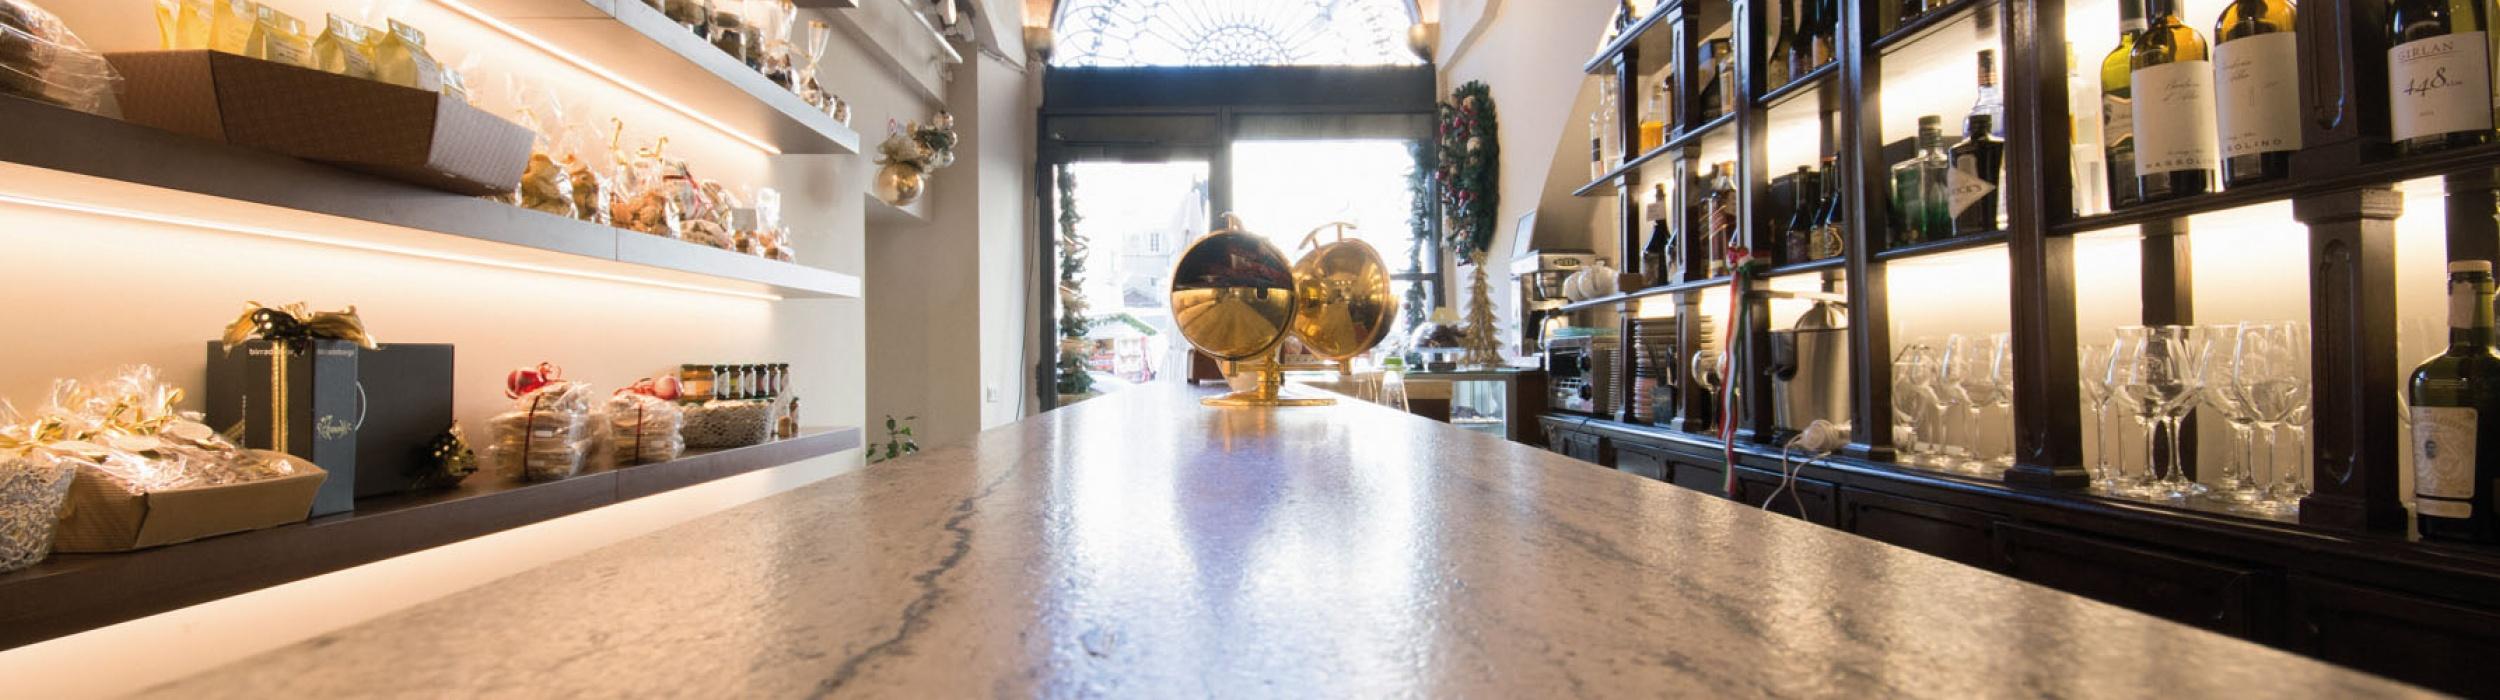 Design up tre erre italian interior design company for Tre erre arredamenti